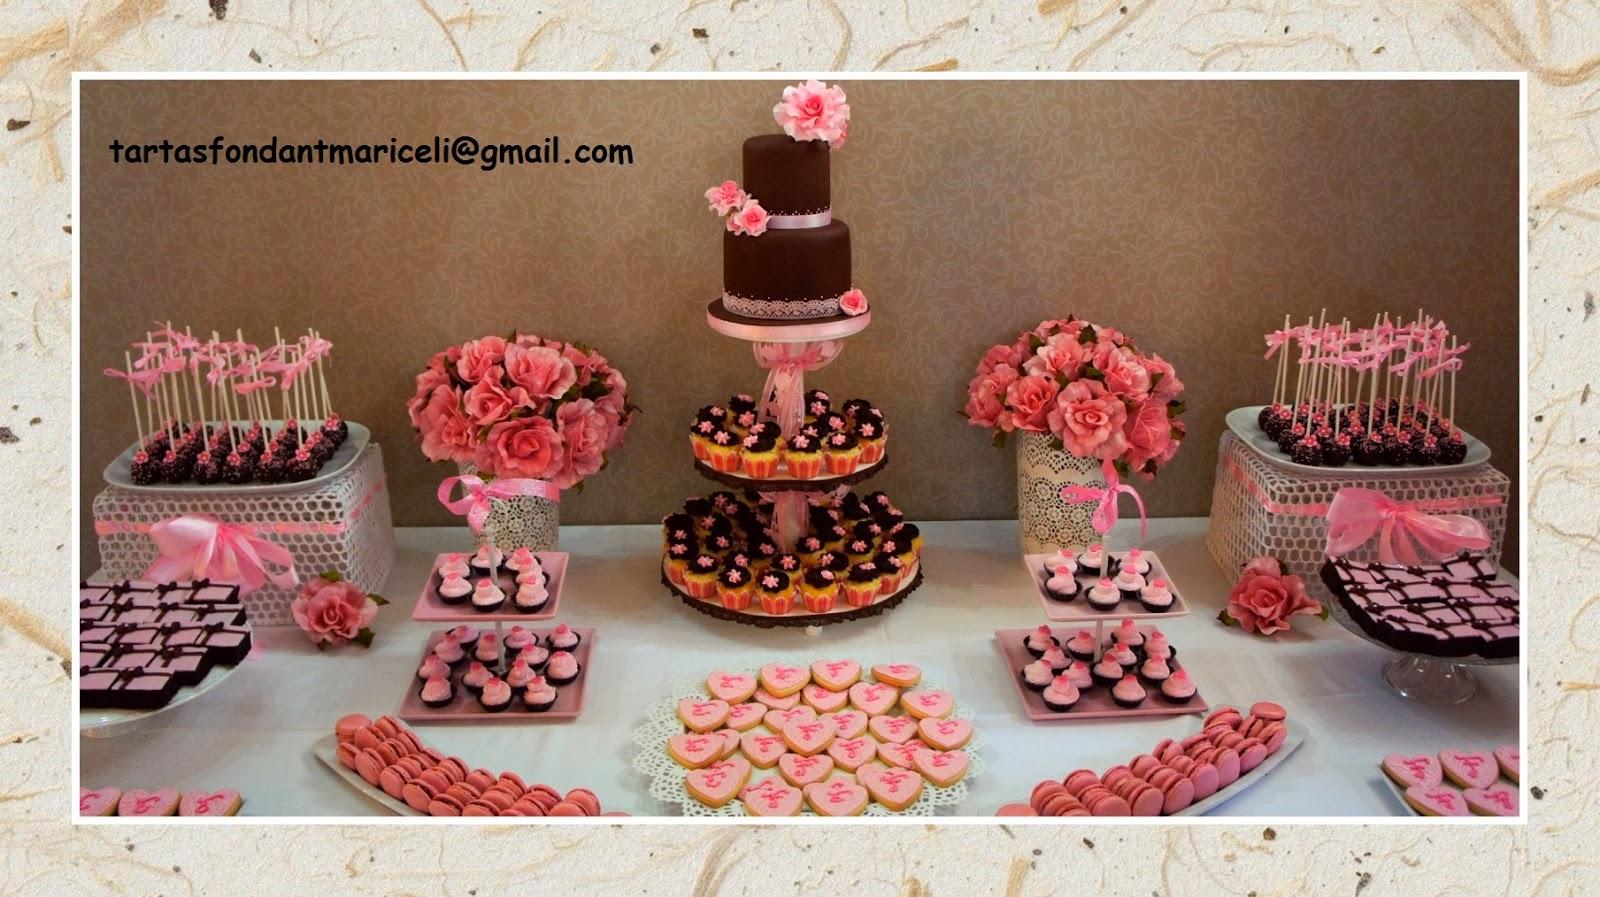 Tartas fondant mariceli mesa dulce para boda for Mesas de dulces para bodas precios